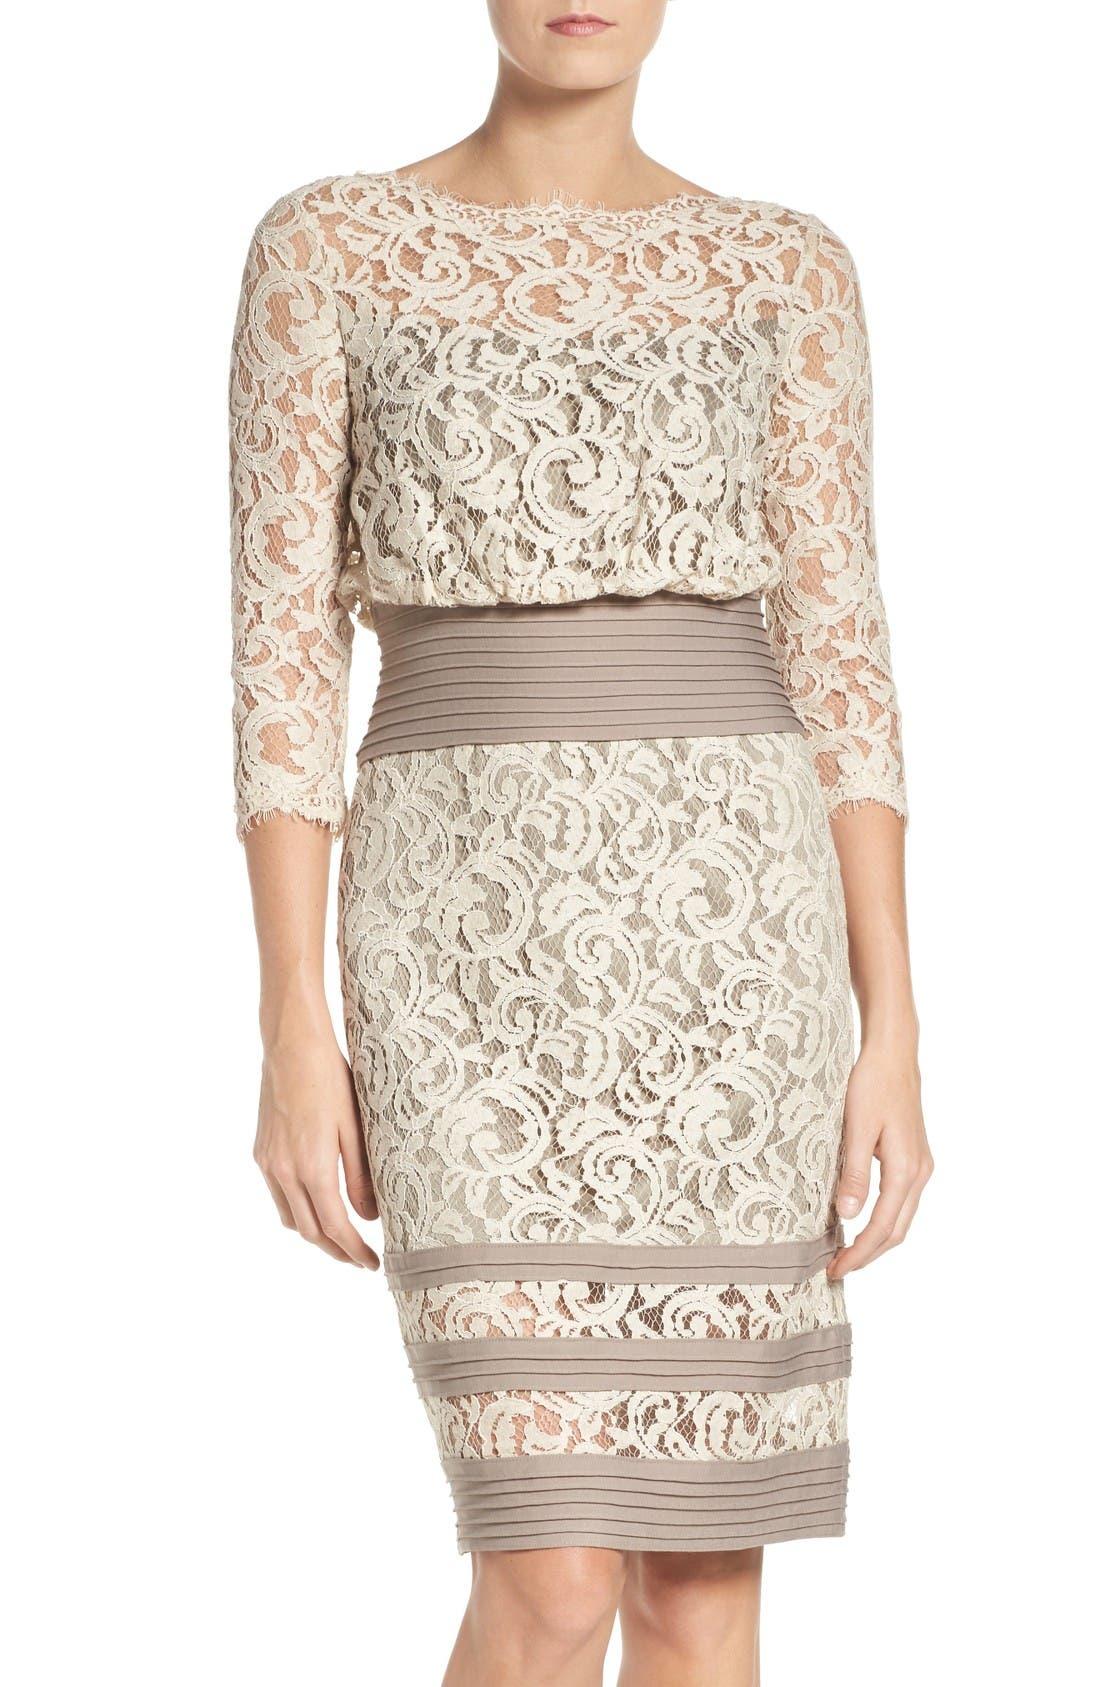 Pleat Waist Lace Blouson Dress,                         Main,                         color, Latte/ Pumice